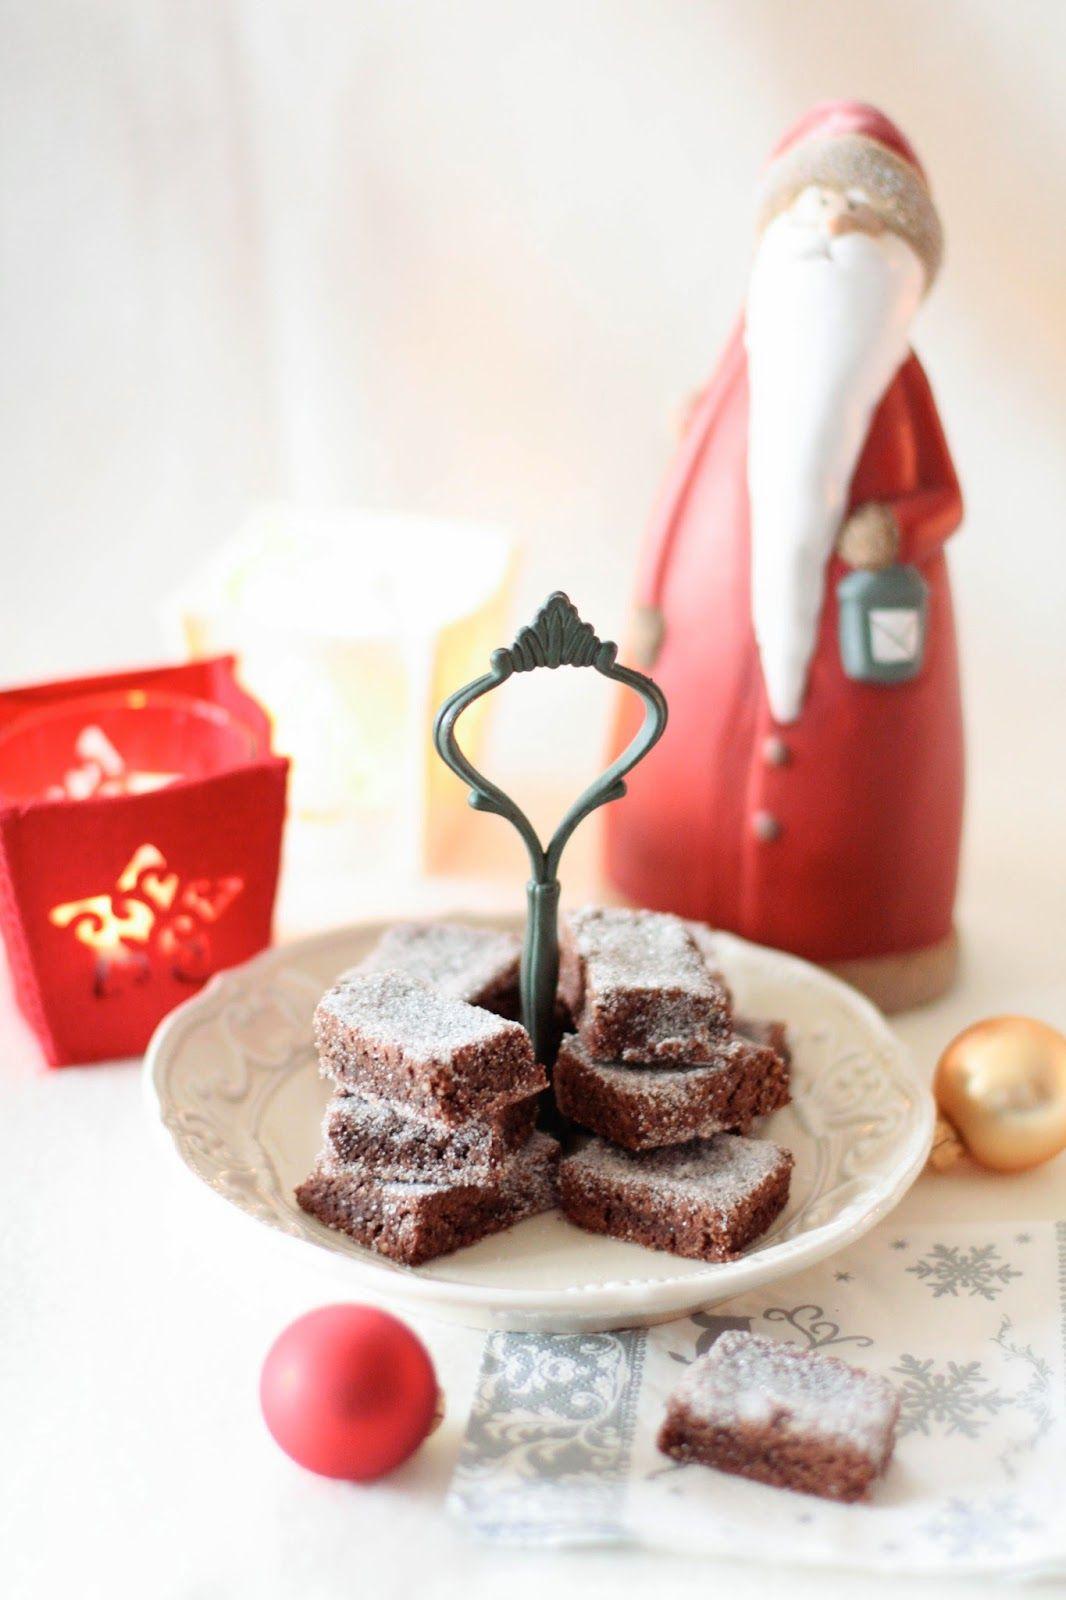 Une idée supplémentaire si jamais vous avez épuisé votre stock de bredele et que vous avez envie d'en refaire quelques uns ! Ces biscuits se rapprochent des Zimtsterne, et je rejoins l'avis de Loukoum chez qui j'ai pioché la recette : ils font partie de mes bredele préférés ! Brunsli Source : Bredele de Noël des boulangers d'Alsace 250g de sucre glace 250g de poudre d'amande 40g de cacao non sucré 75g de blanc d'œuf (soit 2-3 œufs selon leur taille) ½ cuillère à café d...